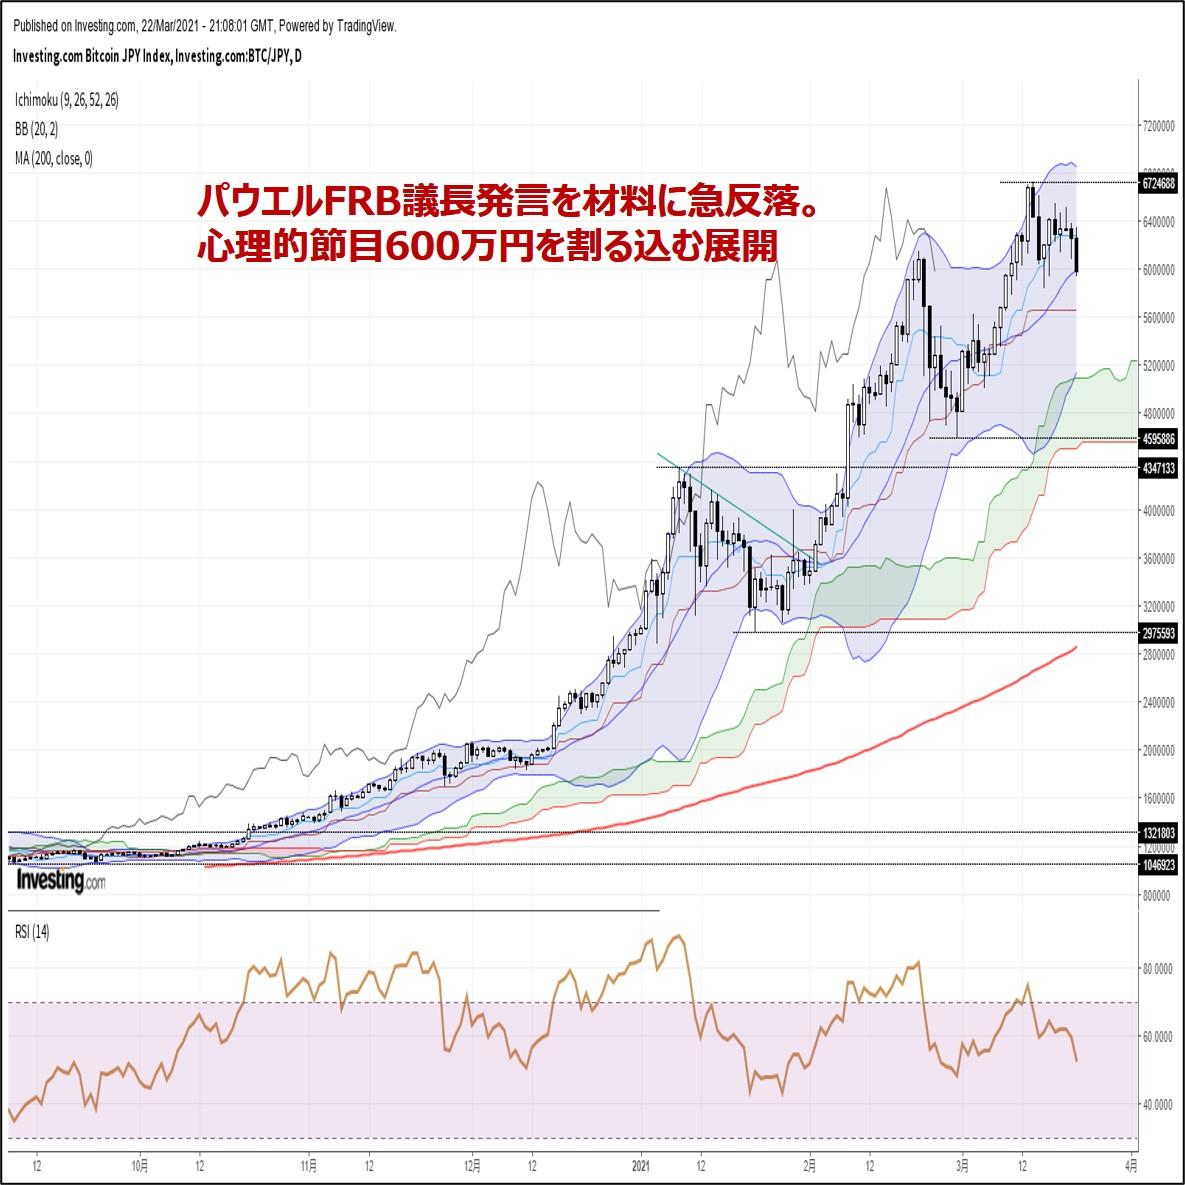 ビットコイン円、パウエルFRB議長発言を材料に急反落。節目600万円割れ(3/23朝)